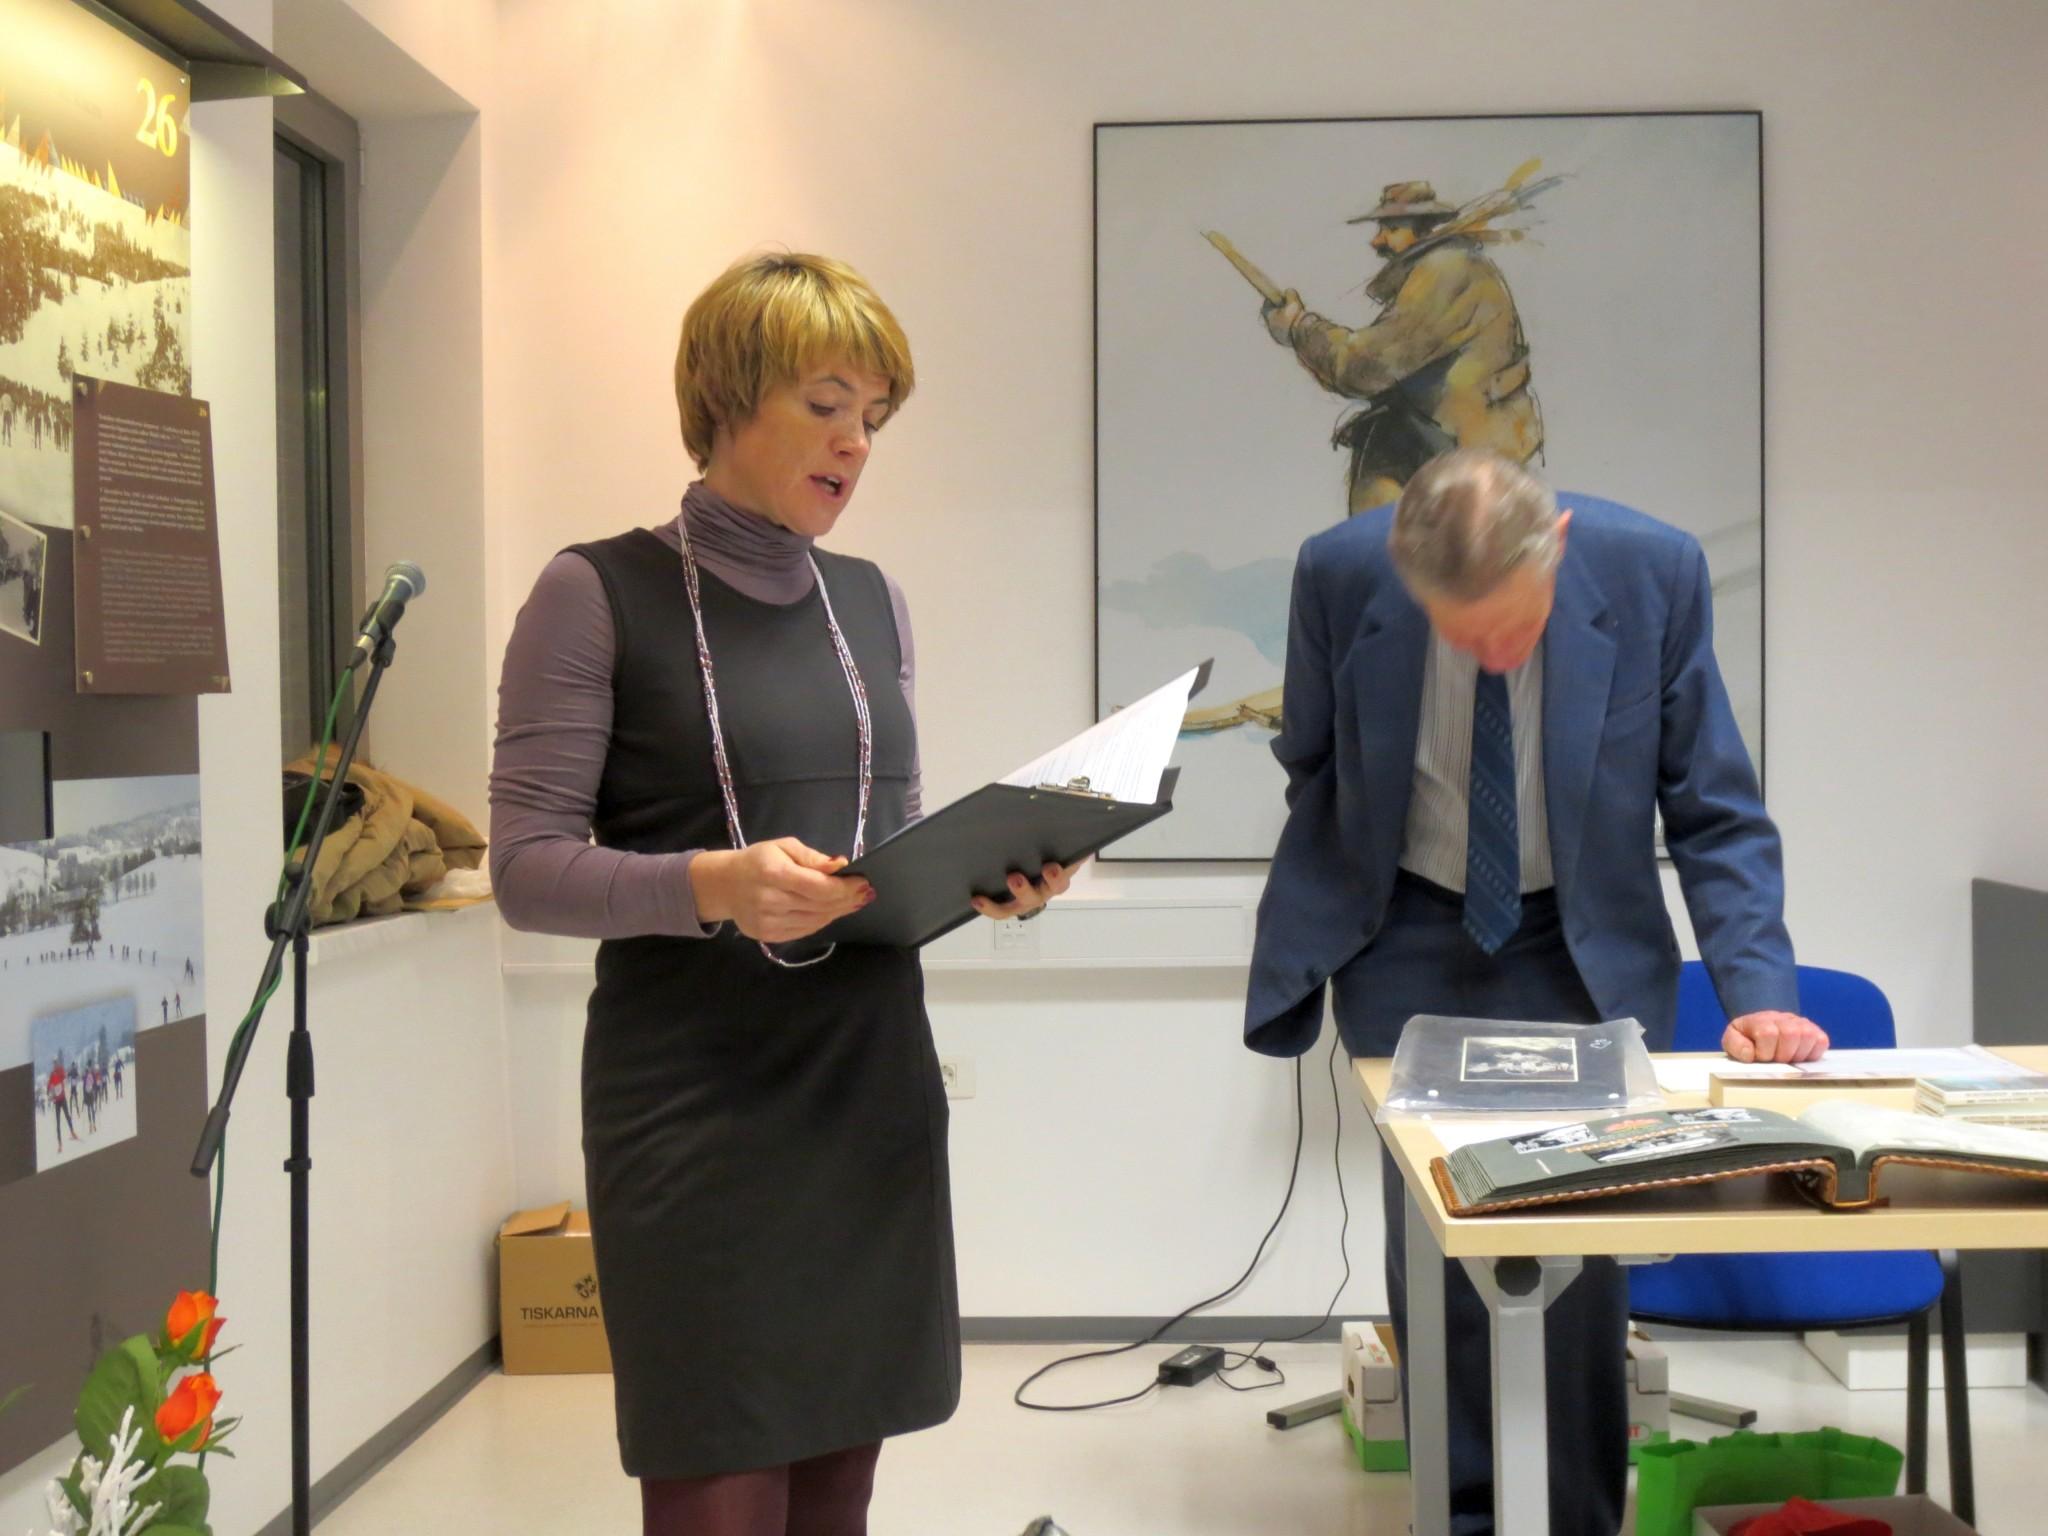 IMG 3155 - Jože Čampa: Na mrtvi straži - Ljudje in zemlja, roman z Bloške planote